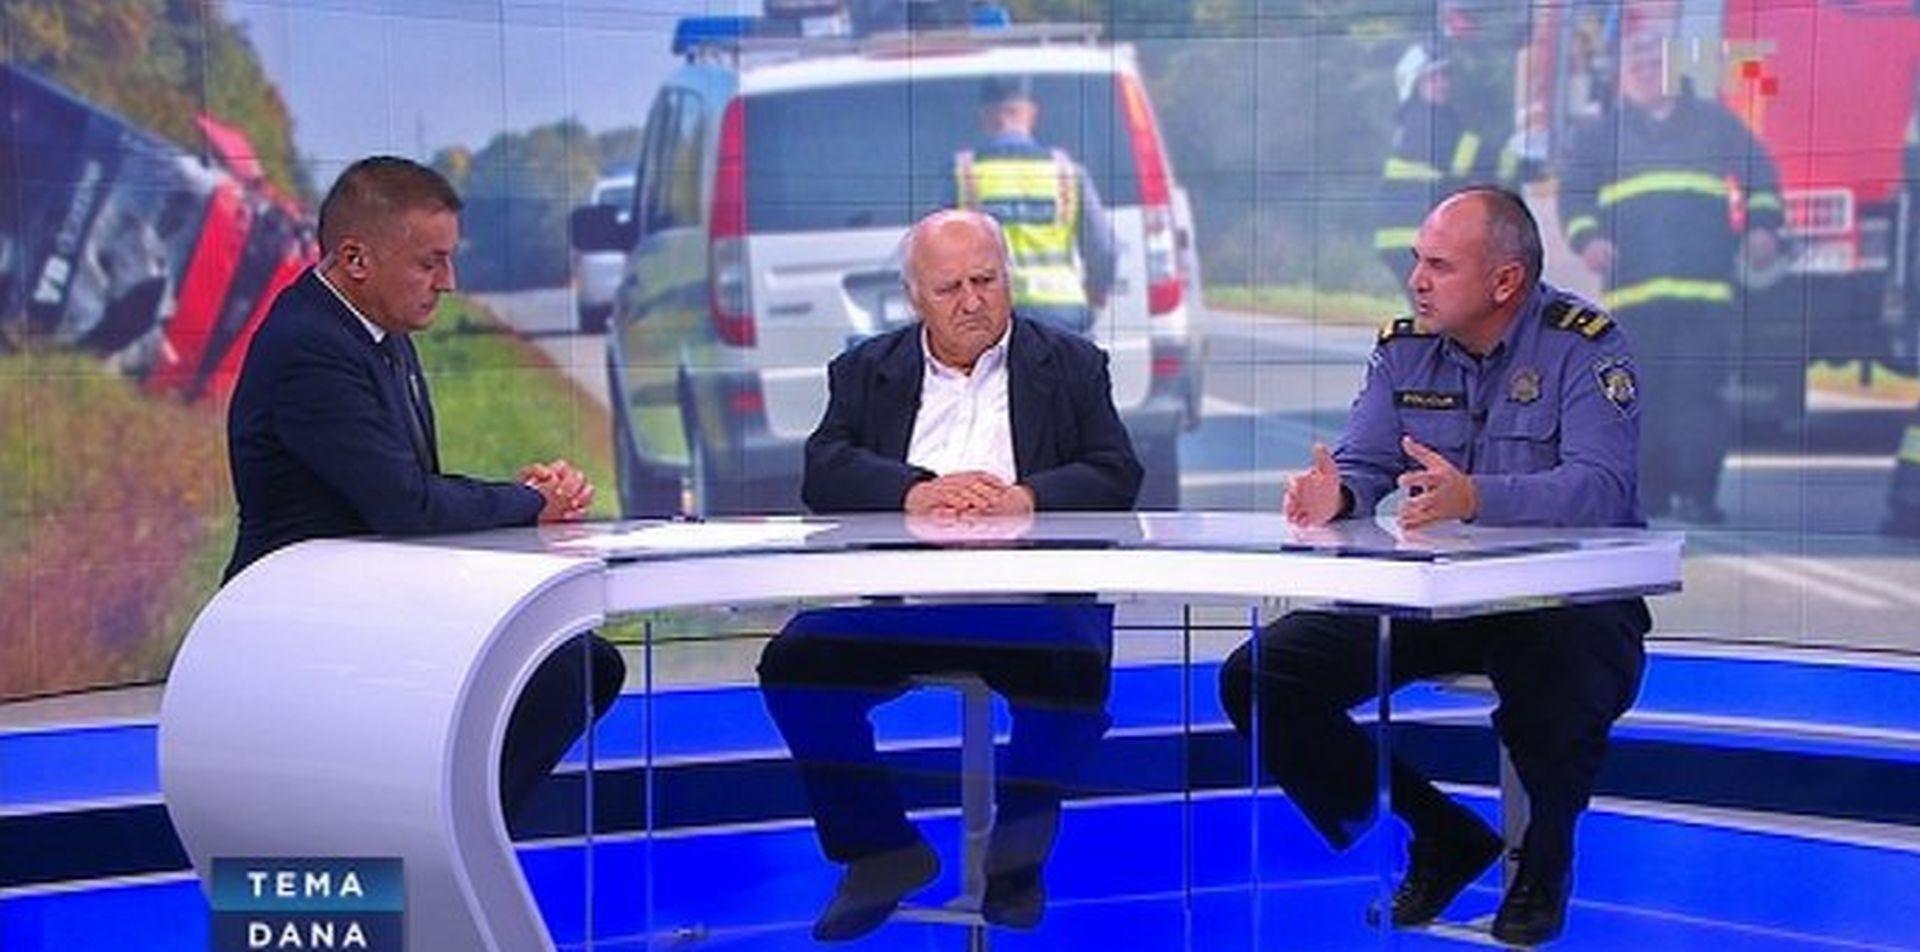 """VIDEO: TEMA DANA HRT-A """"Iz ove nesreće trebamo izvući pouku za društvo"""""""